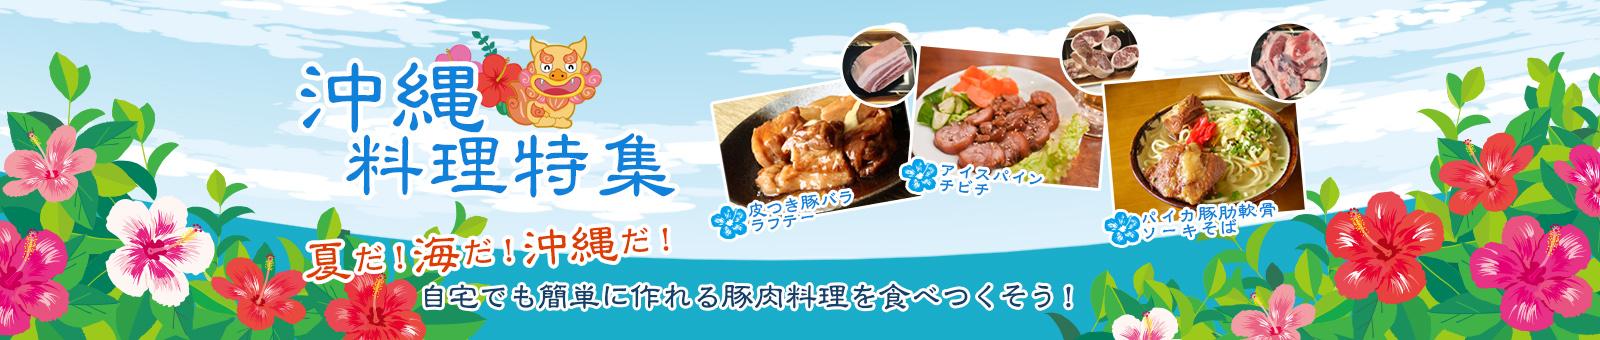 沖縄料理特集